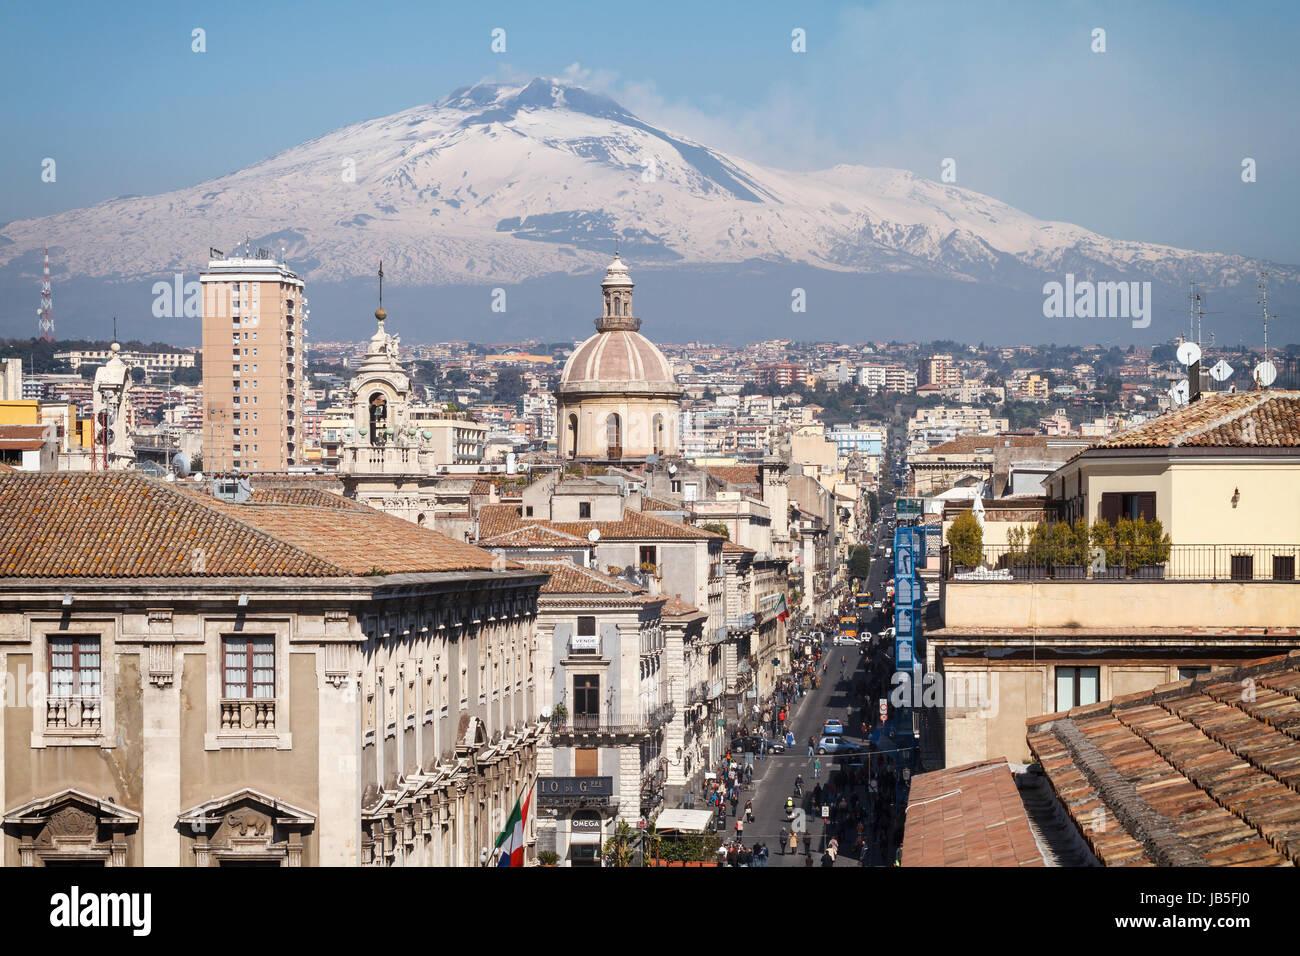 Catane, la Via Etnea 'central' street avec le volcan Etna couvert de neige, Sicile, Italie. Photo Stock